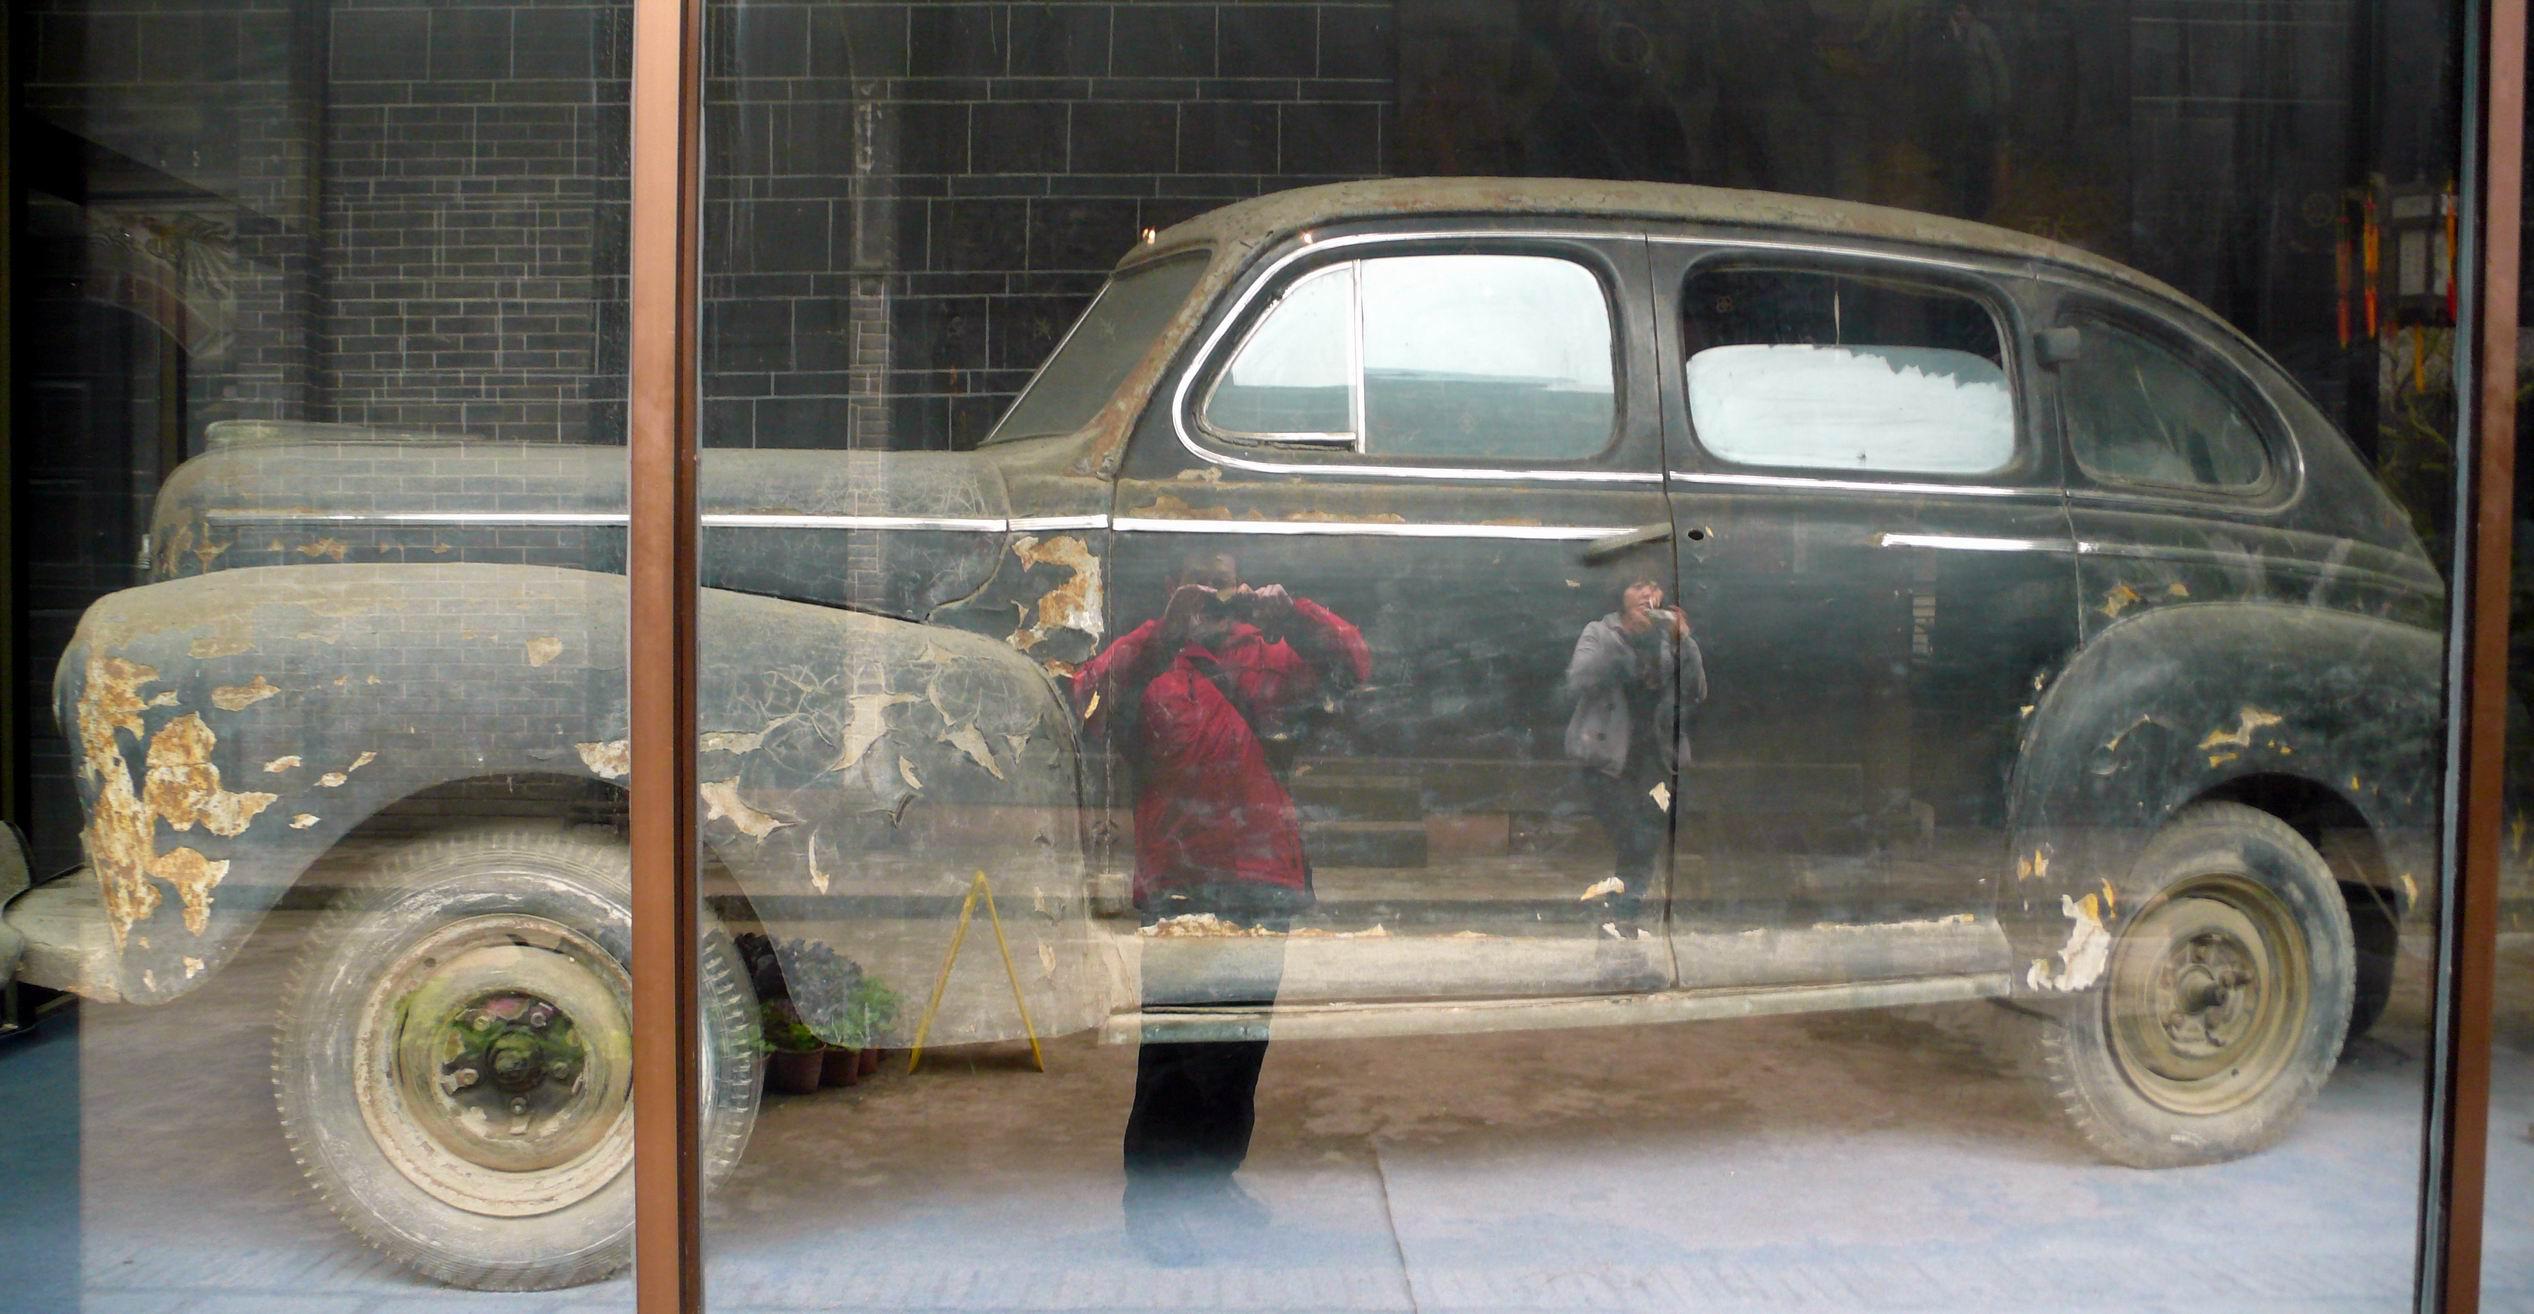 好有历史感的福特轿车啊 全搜索吃喝玩乐官方7夕奔腾乐驾高清图片